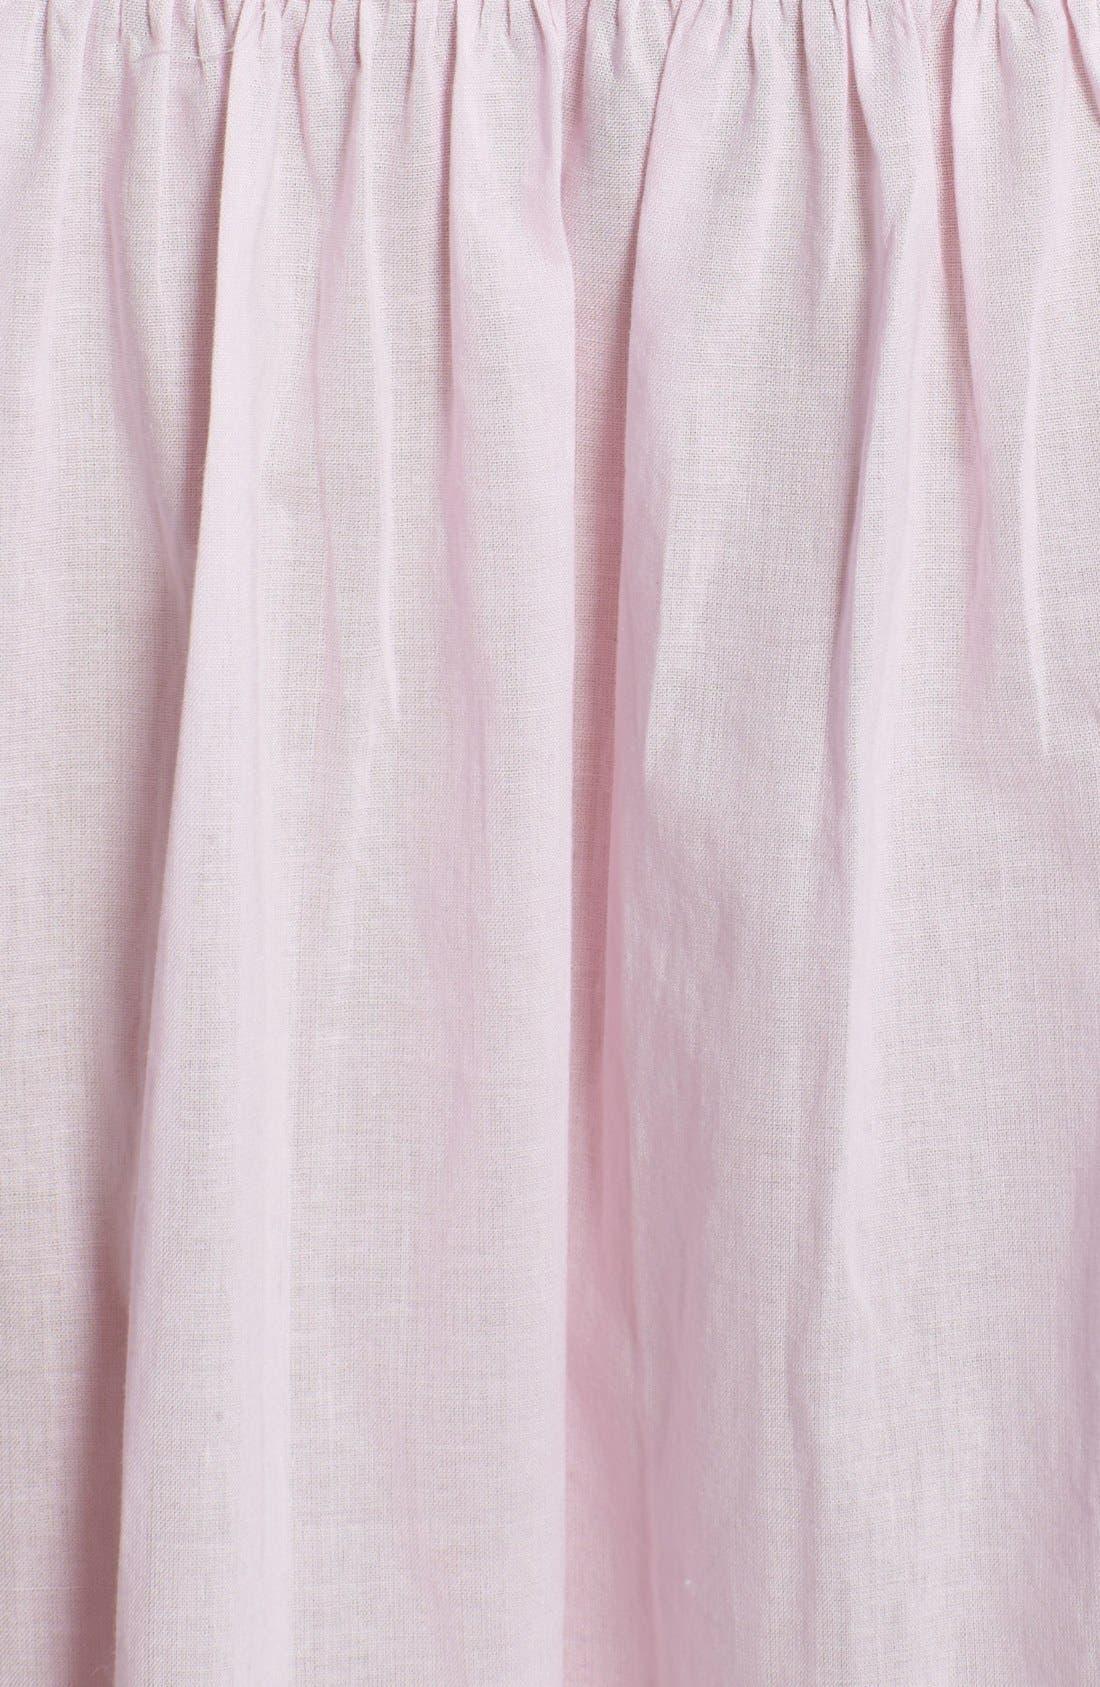 Alternate Image 3  - Eileen West 'Dolce Vita' Short Nightgown